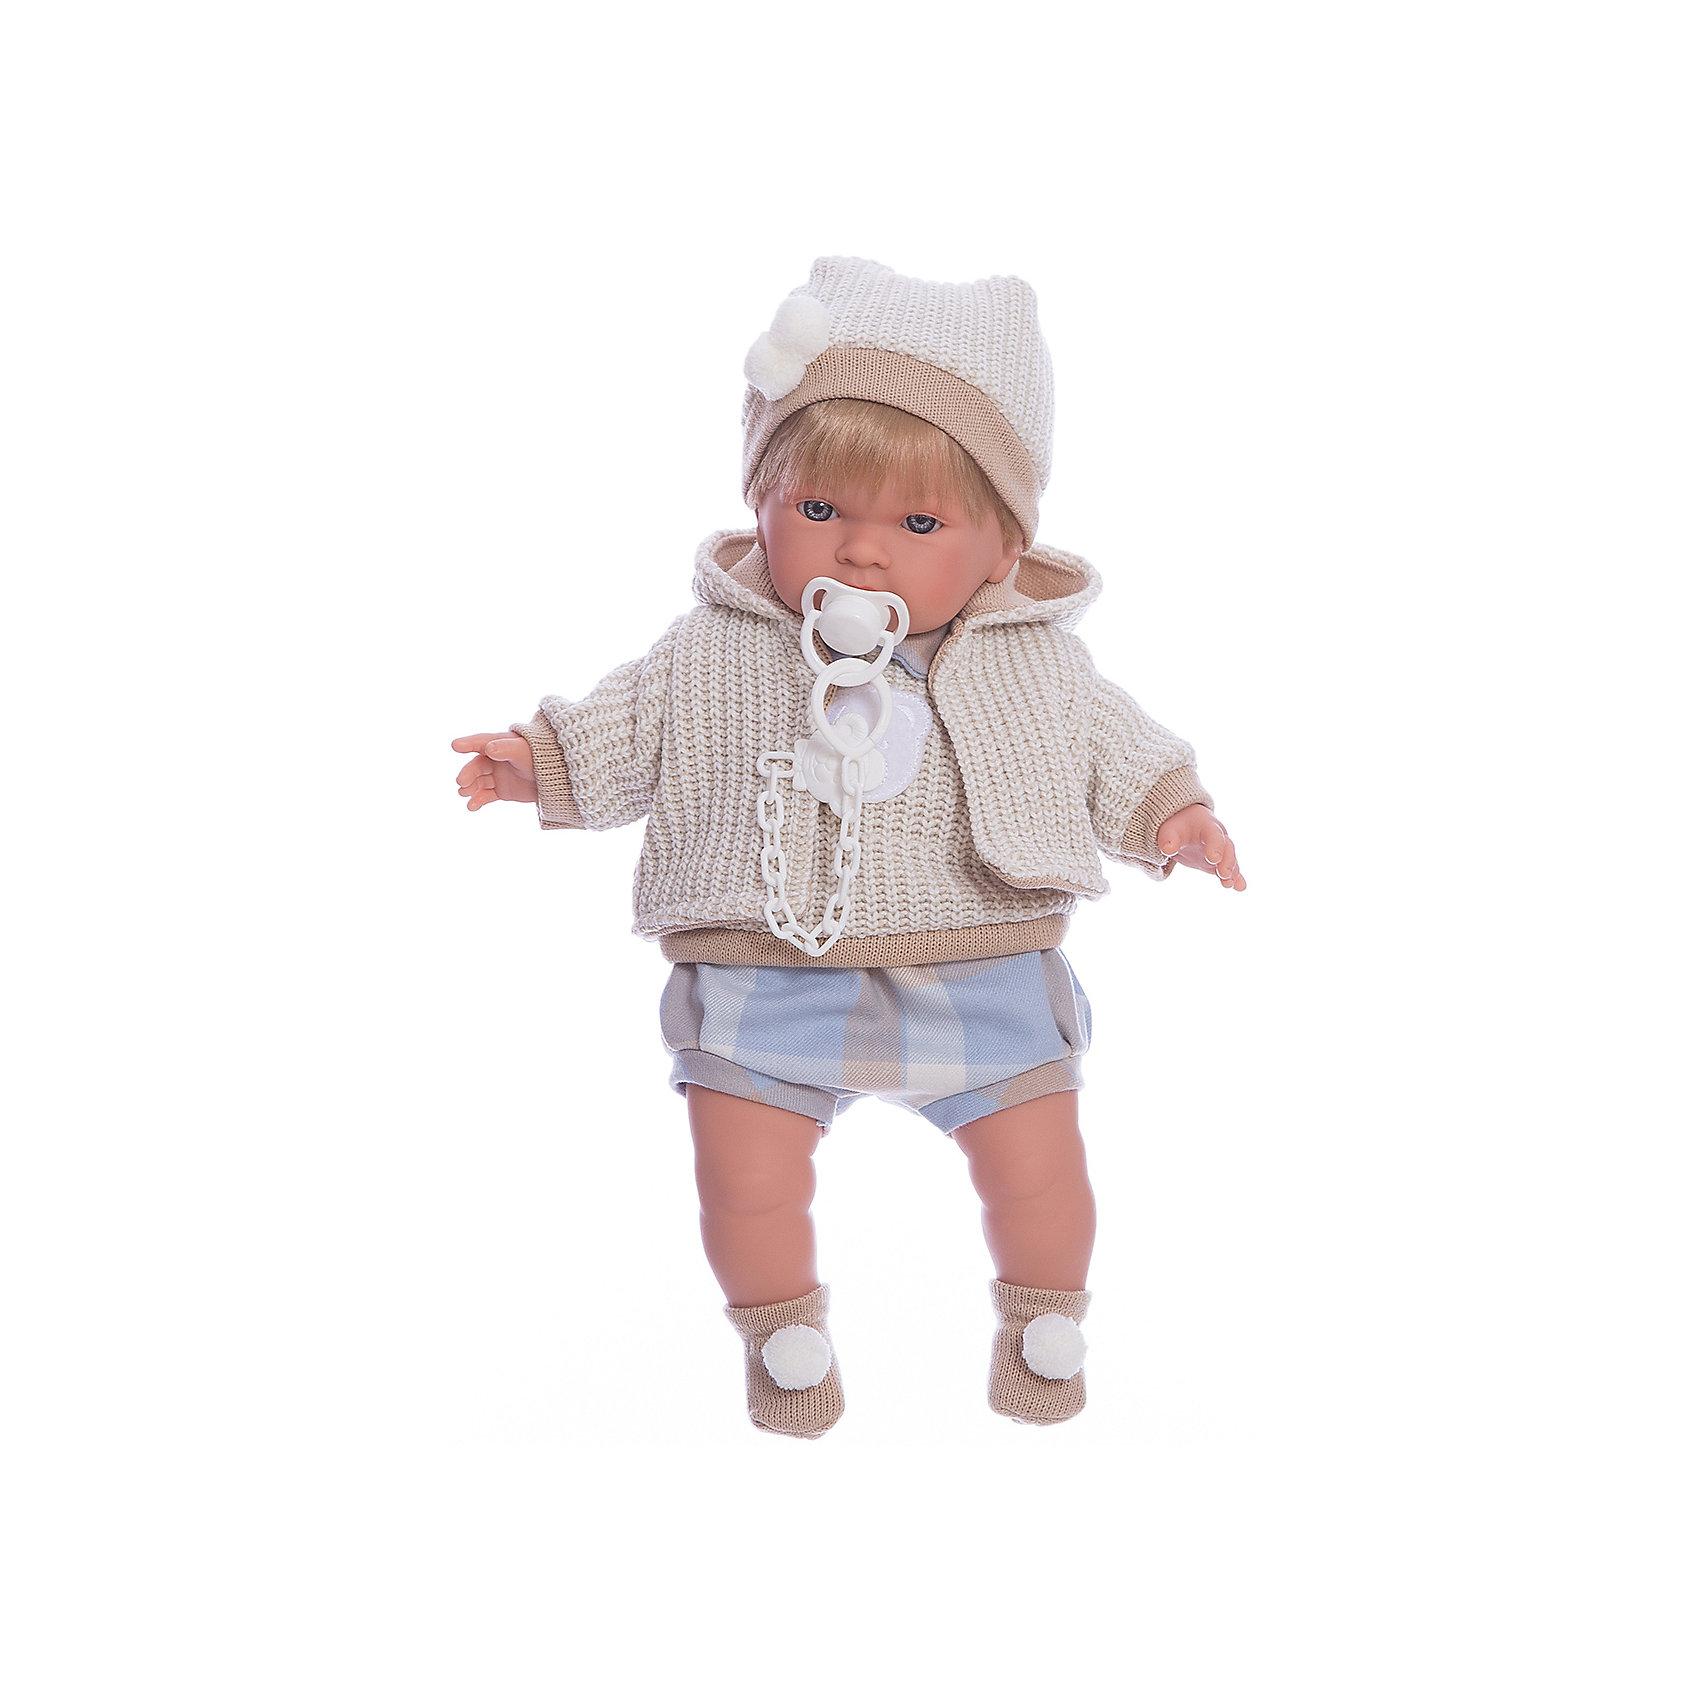 Кукла Альваро, 42 см, LlorensКлассические куклы<br>Характеристики:<br><br>• Предназначение: для сюжетно-ролевых игр<br>• Тип куклы: мягконабивная<br>• Пол куклы: мальчик <br>• Цвет волос: блондин<br>• Материал: поливинилхлорид, пластик, нейлон, текстиль<br>• Цвет: бежевый, белый, голубой<br>• Высота куклы: 42 см<br>• Комплектация: кукла, комбинезон, курточка, шапочка, шарф, пинетки, пустышка на цепочке<br>• Вес: 1 кг 360 г<br>• Размеры упаковки (Д*В*Ш): 23*45*12 см<br>• Упаковка: подарочная картонная коробка <br>• Особенности ухода: допускается деликатная стирка без использования красящих и отбеливающих средств предметов одежды куклы<br><br>Кукла Альваро 42 см без звука – кукла, производителем которого является всемирно известный испанский кукольный бренд Llorens. Куклы этой торговой марки имеют свою неповторимую внешность и целую линейку образов как пупсов, так и кукол-малышей. Игрушки выполнены из сочетания поливинилхлорида и пластика, что позволяет с высокой долей достоверности воссоздать физиологические и мимические особенности маленьких детей. При изготовлении кукол Llorens используются только сертифицированные материалы, безопасные и не вызывающие аллергических реакций. Волосы у кукол отличаются густотой, шелковистостью и блеском, при расчесывании они не выпадают и не ломаются.<br>Кукла Альваро 42 см без звука выполнена в образе малыша: у него светлые волосы, курносый носик и голубые глаза. Модный комплект осенней одежды Альваро состоит из комбинезона, вязаной жилеткис аппликацией на груди в виде мишки, кофточки с капюшоном, шапочки, на ножках – носочки с помпонами. У малыша имеется соска на цепочке-держателе. <br>Кукла Альваро 42 см без звука – это идеальный вариант для подарка к различным праздникам и торжествам.<br><br>Куклу Альваро 42 см без звука можно купить в нашем интернет-магазине.<br><br>Ширина мм: 23<br>Глубина мм: 45<br>Высота мм: 12<br>Вес г: 1360<br>Возраст от месяцев: 36<br>Возраст до месяцев: 84<br>Пол: Женский<br>Возраст: Детский<br>SKU: 50869